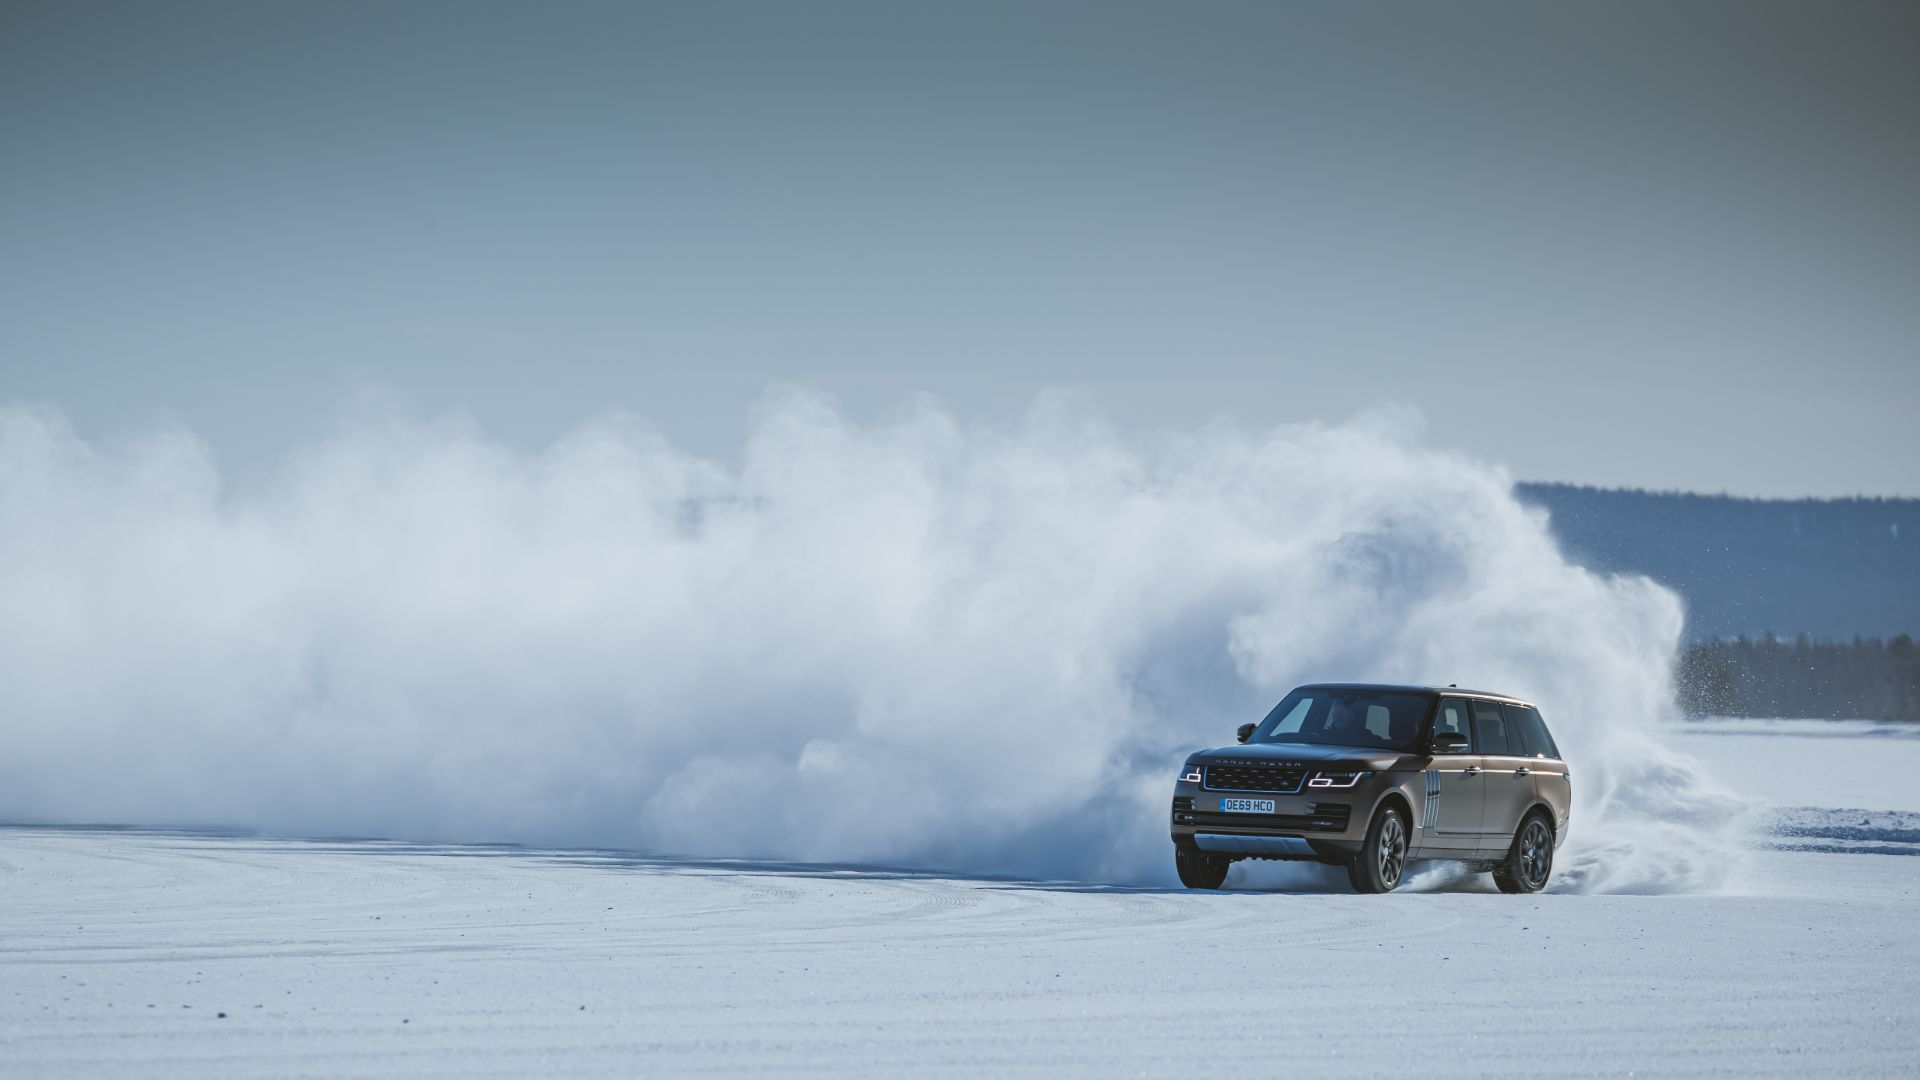 Anthony Joshua Range Rover on ice